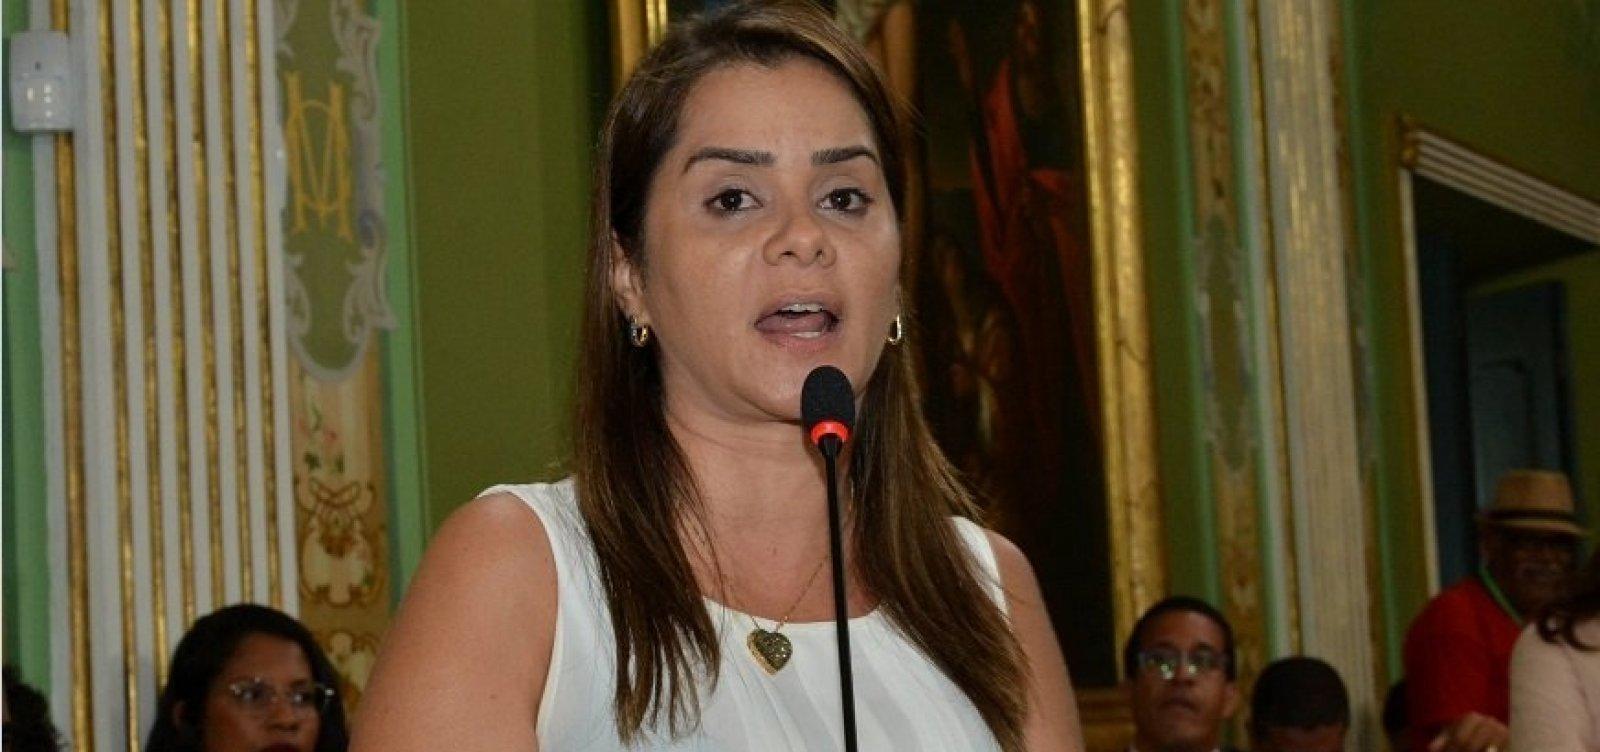 'Criaram um fato monstruoso', diz Lorena Brandão após vazamento de áudio sobre a Lei dos Aplicativos